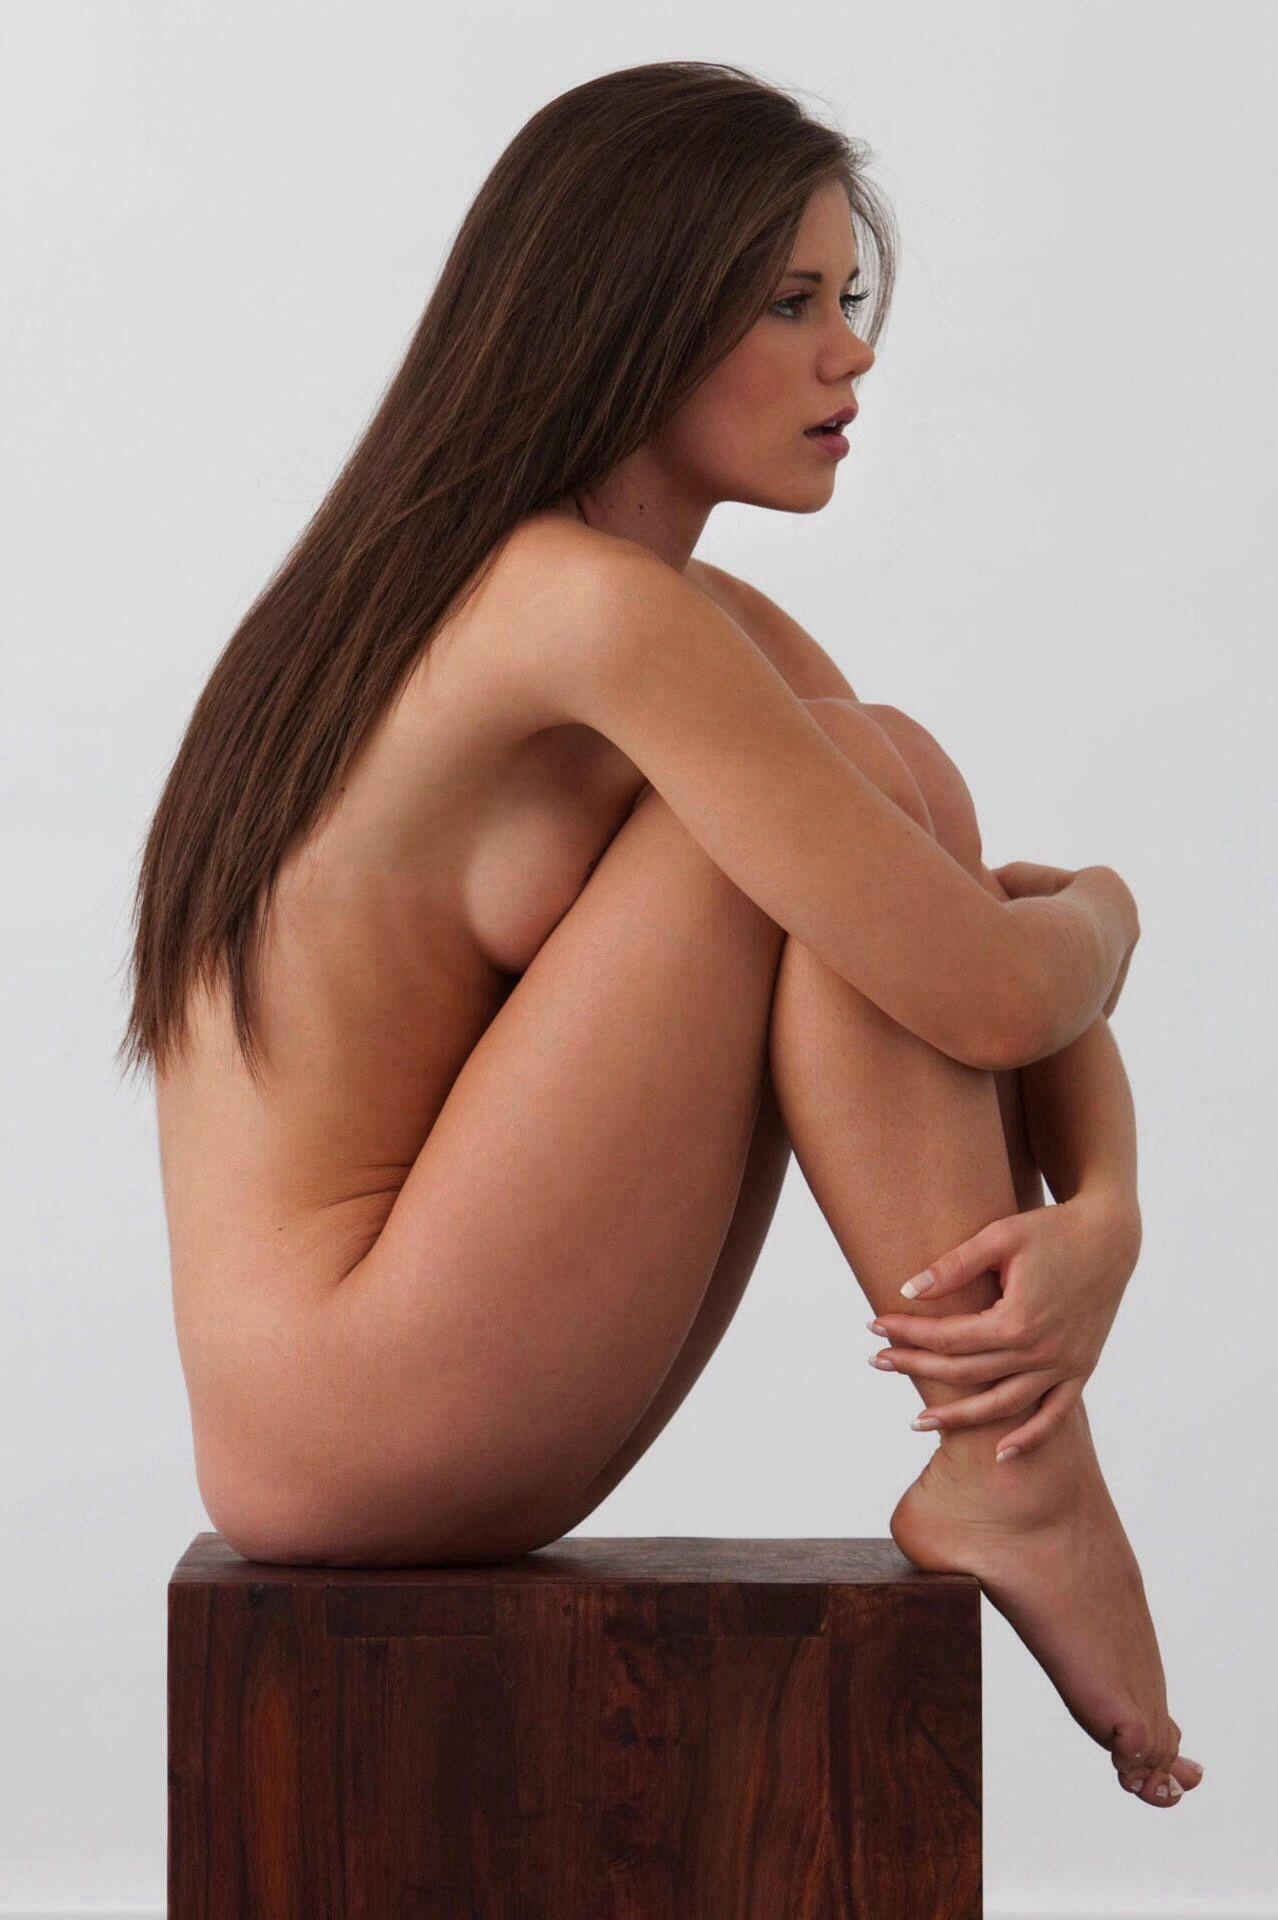 Nude Female Modles 45